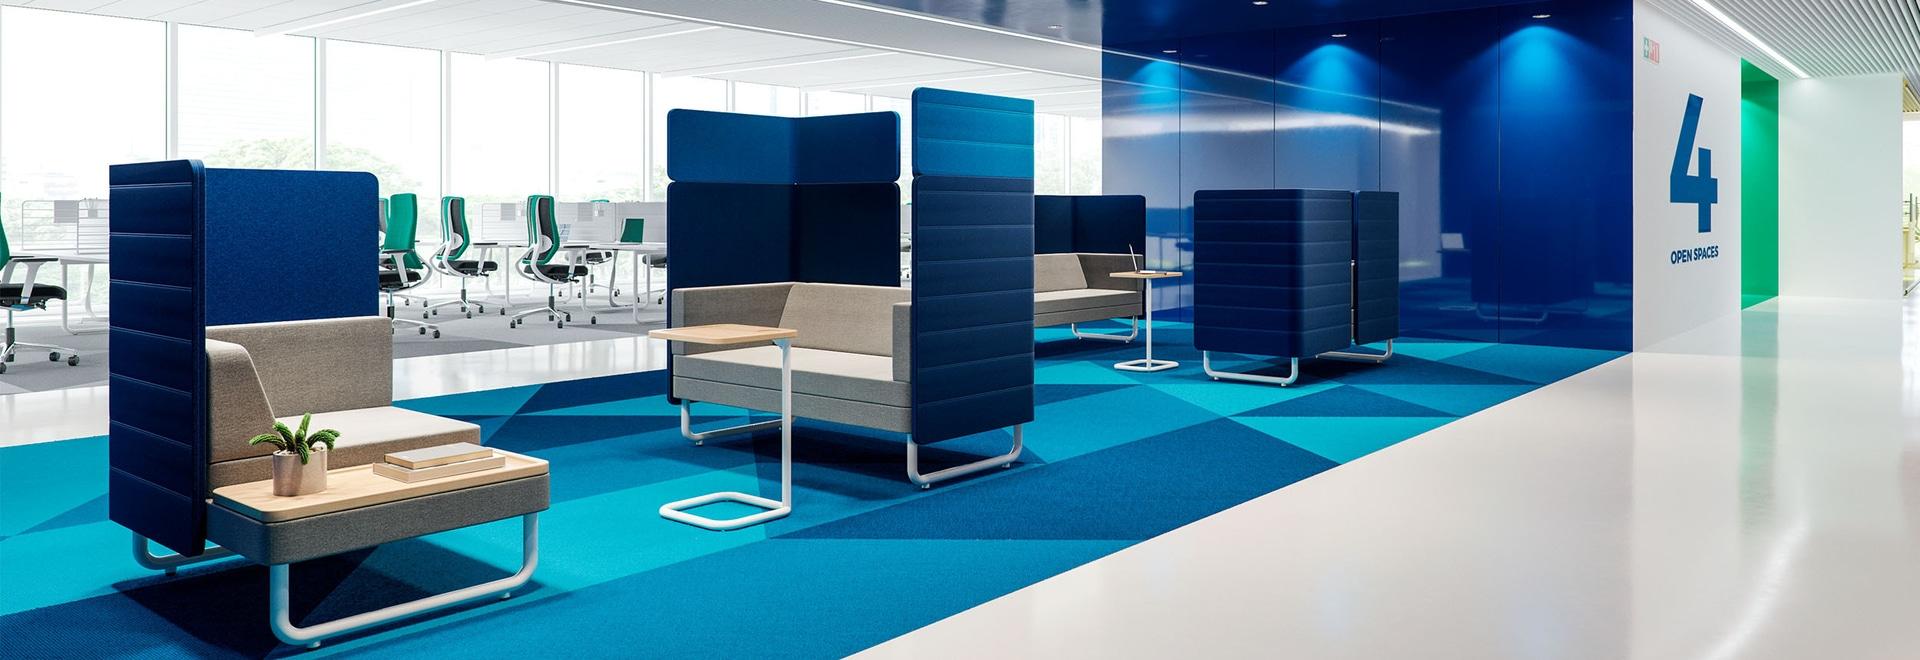 Nowy Styl Group gewinnt zweifachen German Design Award 2020 für innovativste Büromöbeldesigns